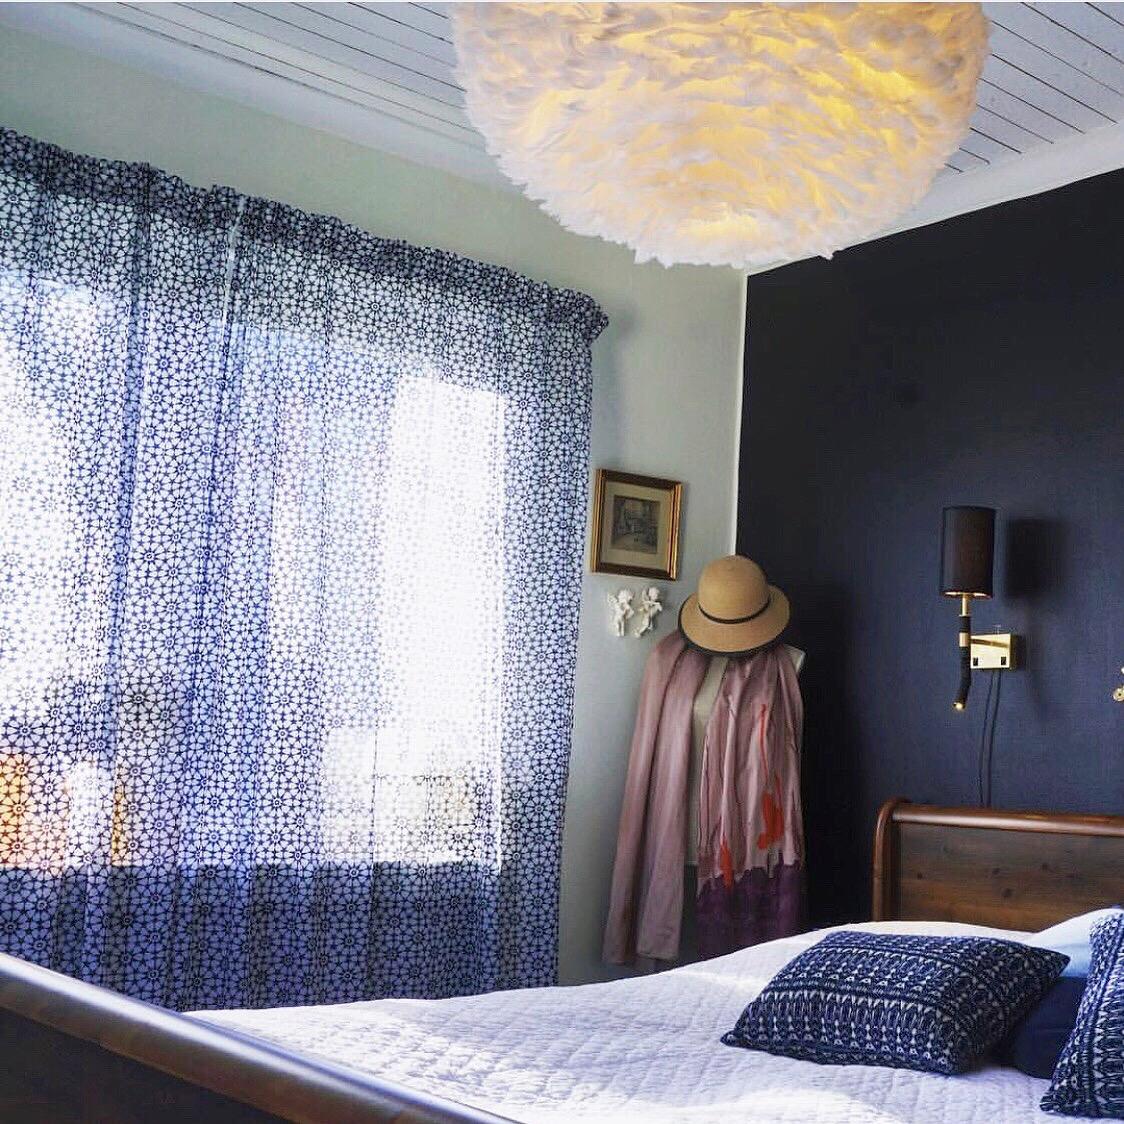 Tunna gardiner släpper igenom dagsljus på ett behagligt sätt